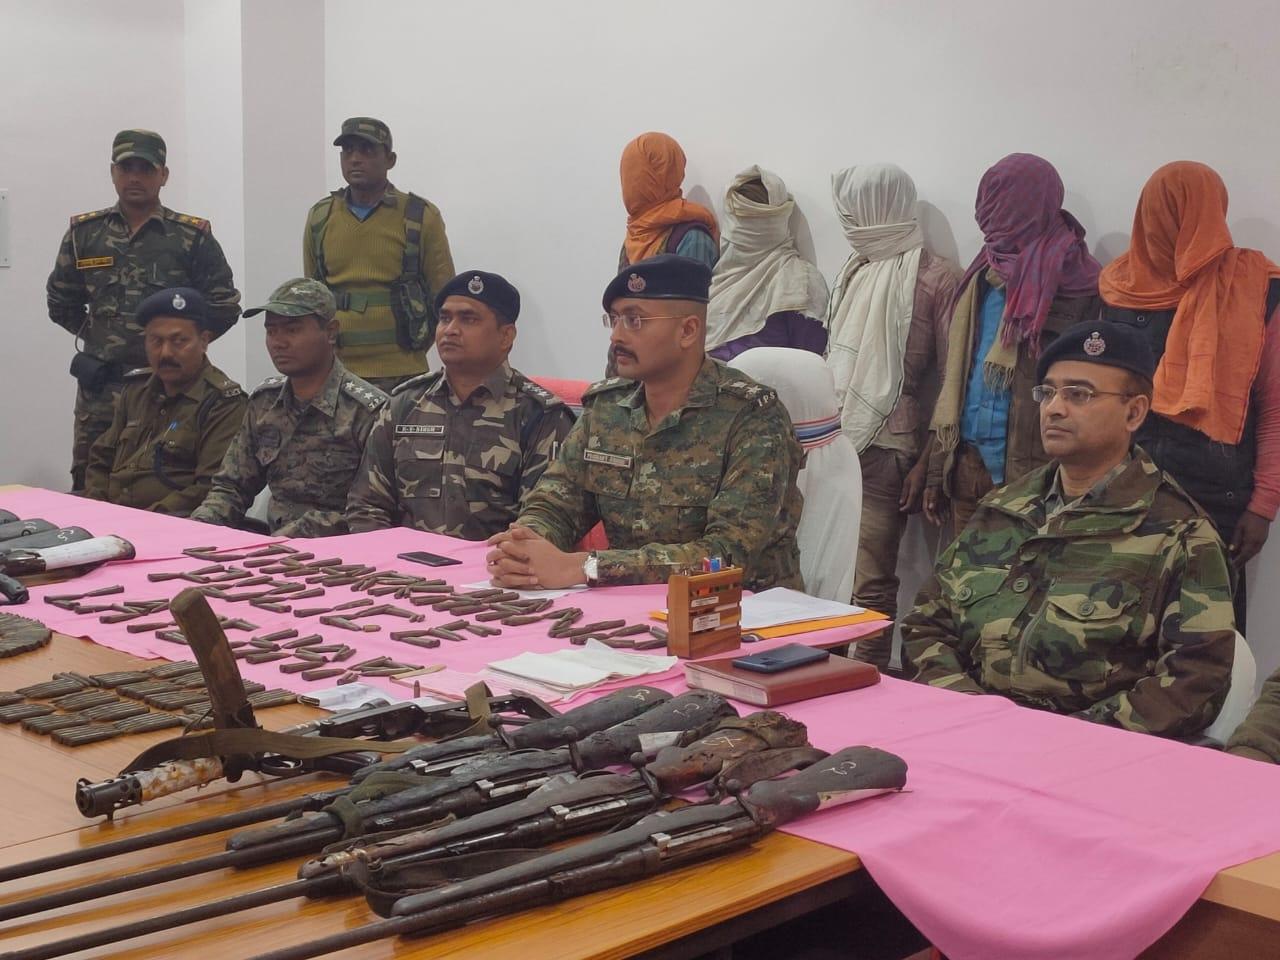 <p>लातेहार पुलिस को मिली भारी सफलता, टीएसपीसी संगठन के सब-जोनल कमांडर कार्तिक जी समेत 5 नक्सली गिरफ्तार। हथियार समेत अन्य नक्सली सामग्री के साथ हुई गिरफ्तारी। बालूमाथ थानाक्षेत्र के…